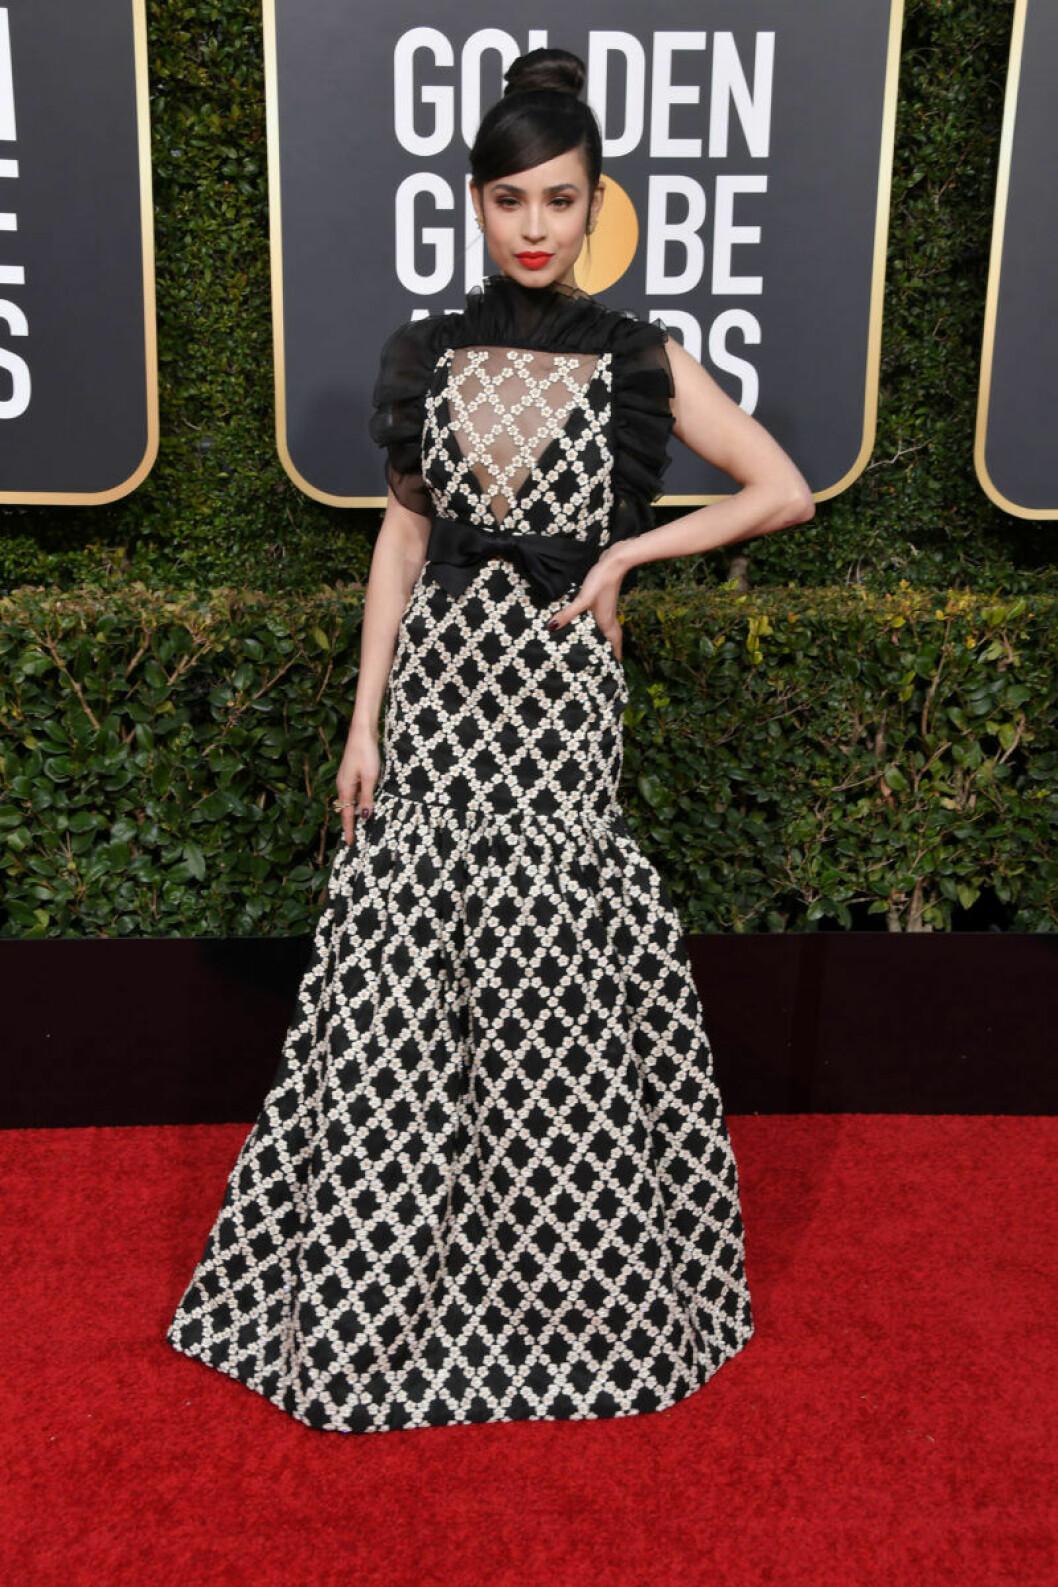 Sofia Carson Golden Globe 2019